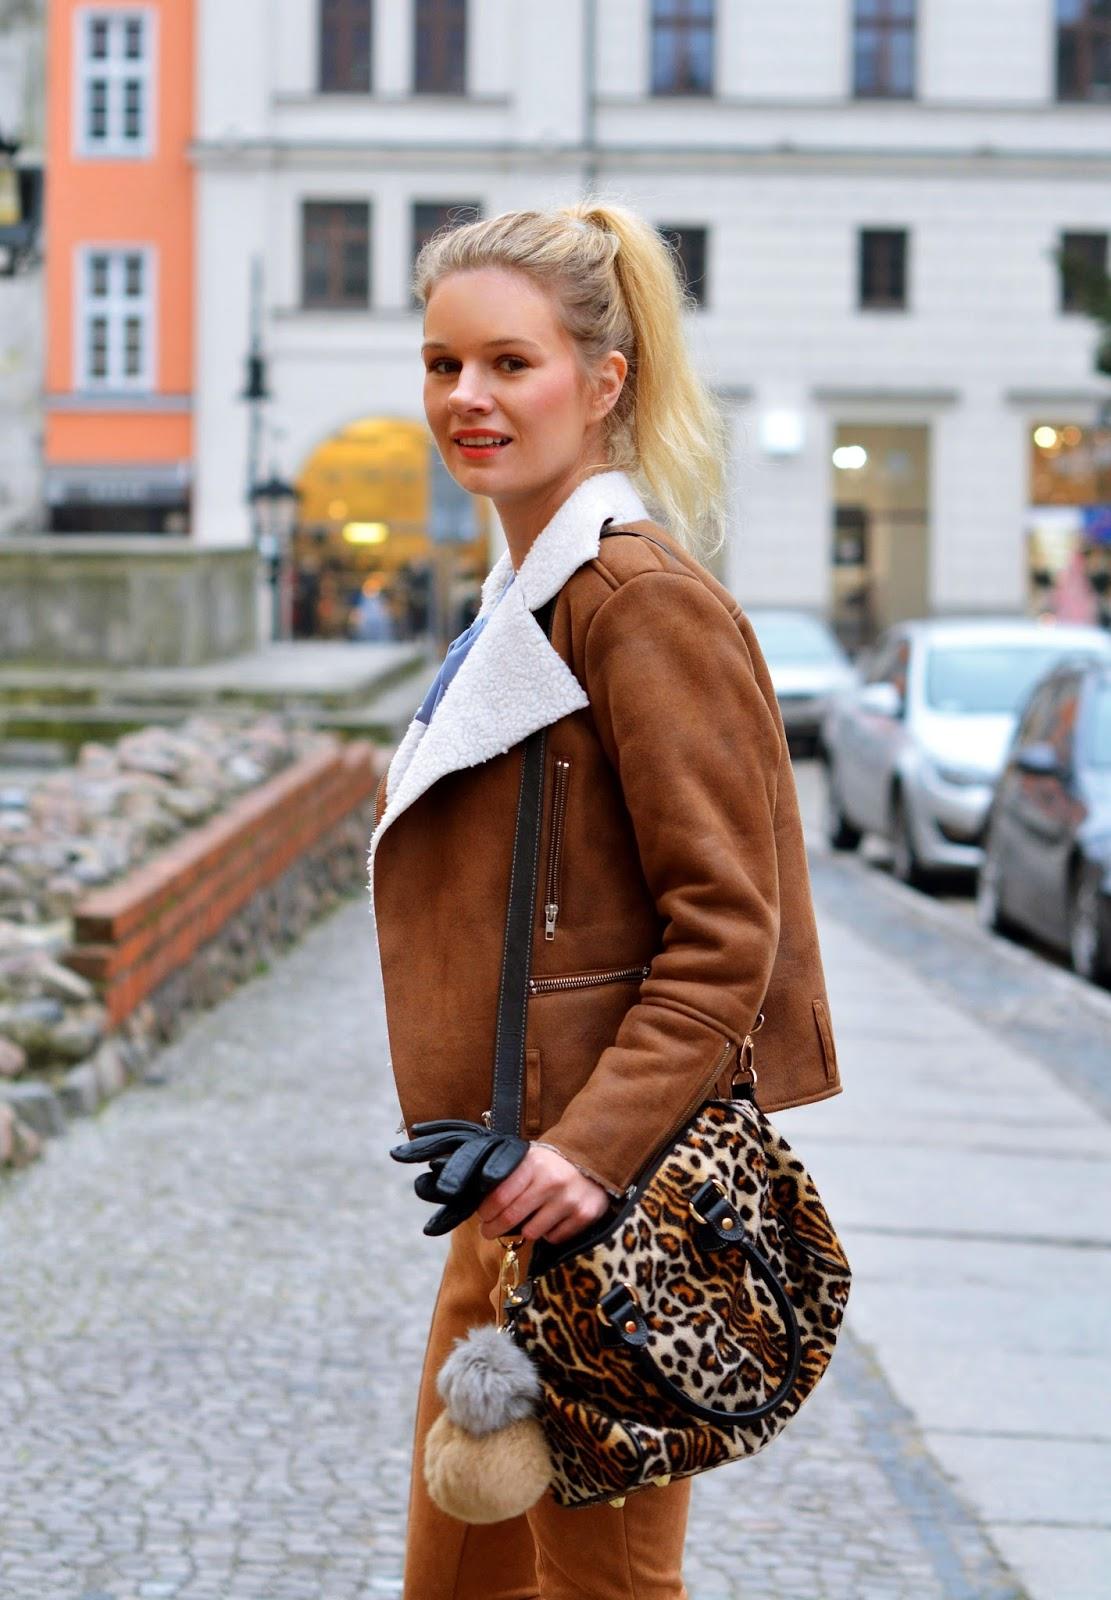 karmel, zamszowy, brąz, stylizacja, look, poznań, blog, blogger, zawszowe, spodnie, kurtka, buty